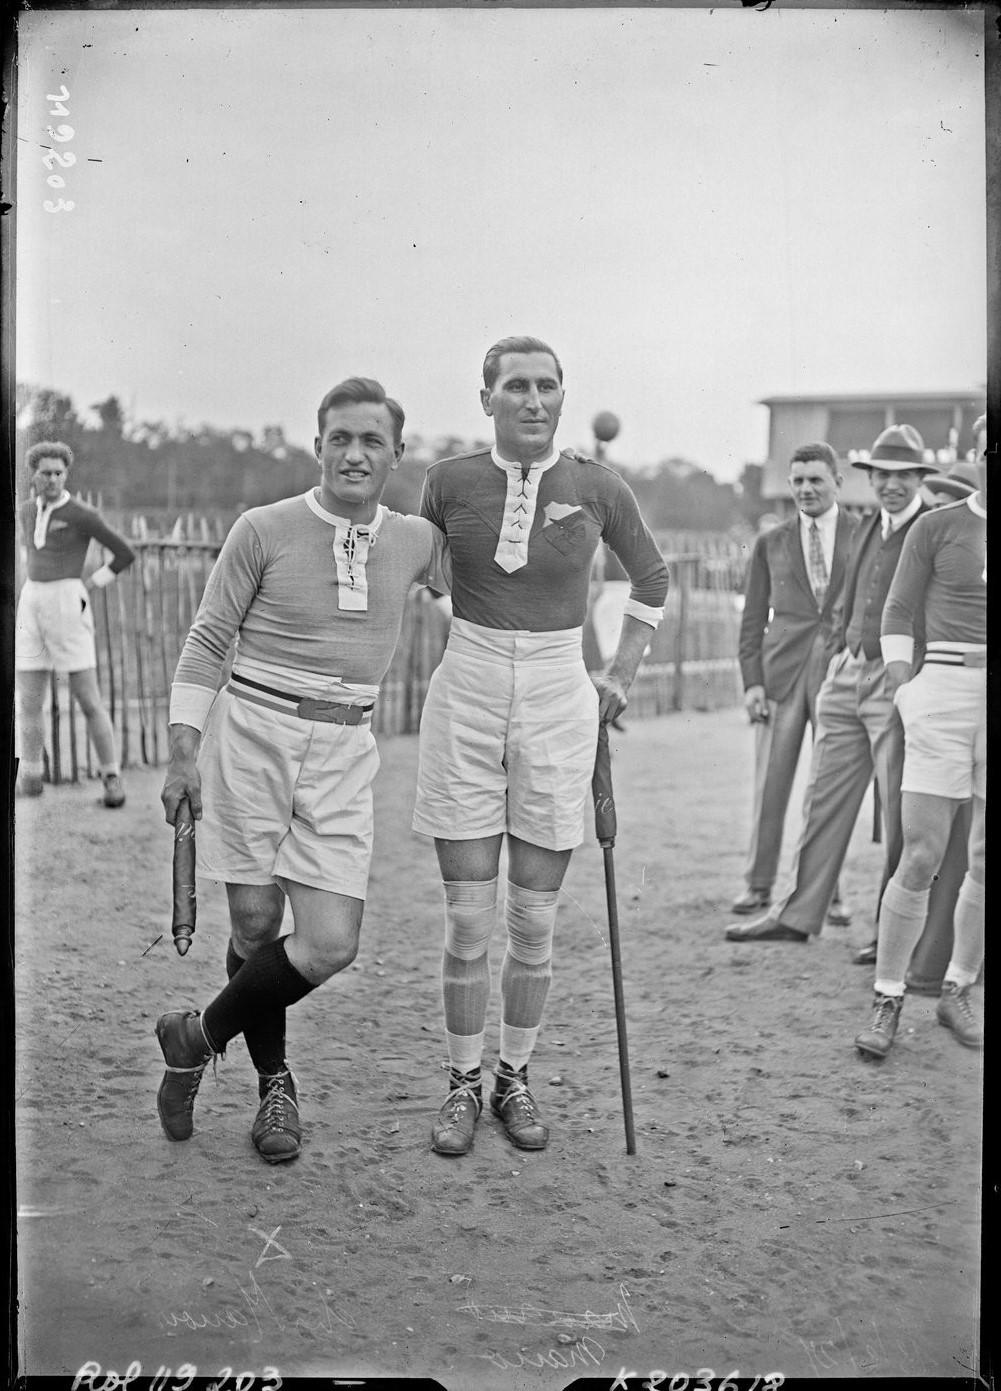 Frankreich-Rumänien (15.05.1927), Stade Jean Bouin. Foto der beiden Kapitänen: du Manoir (li.) und Mano (re.) (gallica.bnf.fr/BnF, Agence Roll)